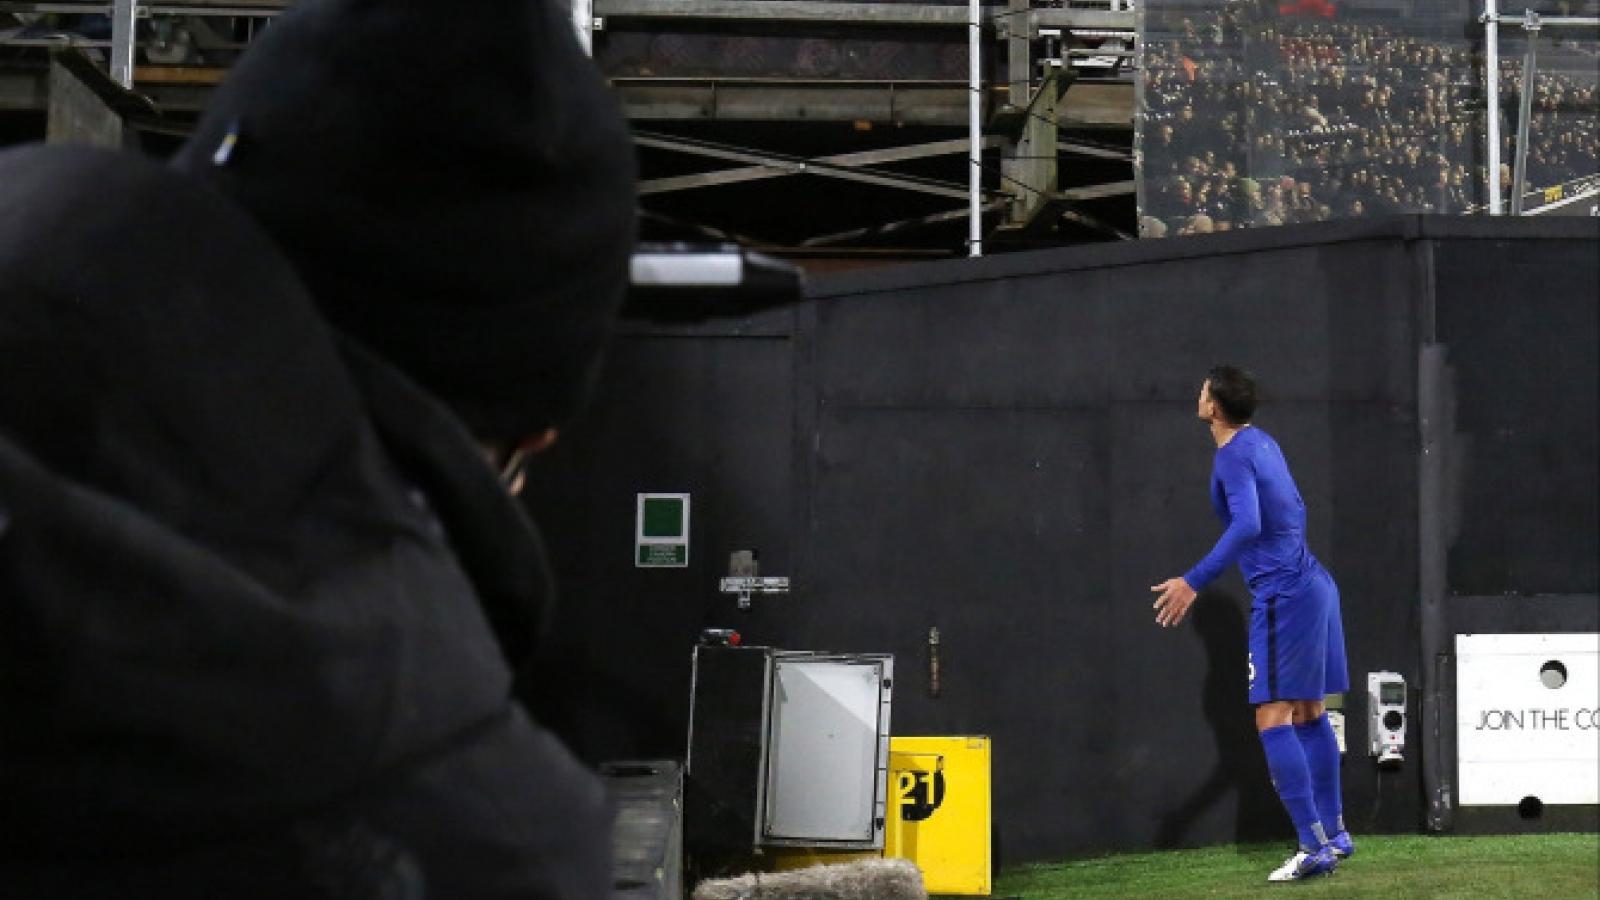 Tặng áo cho người hâm mộ, sao Chelsea có thể bị FA phạt nặng